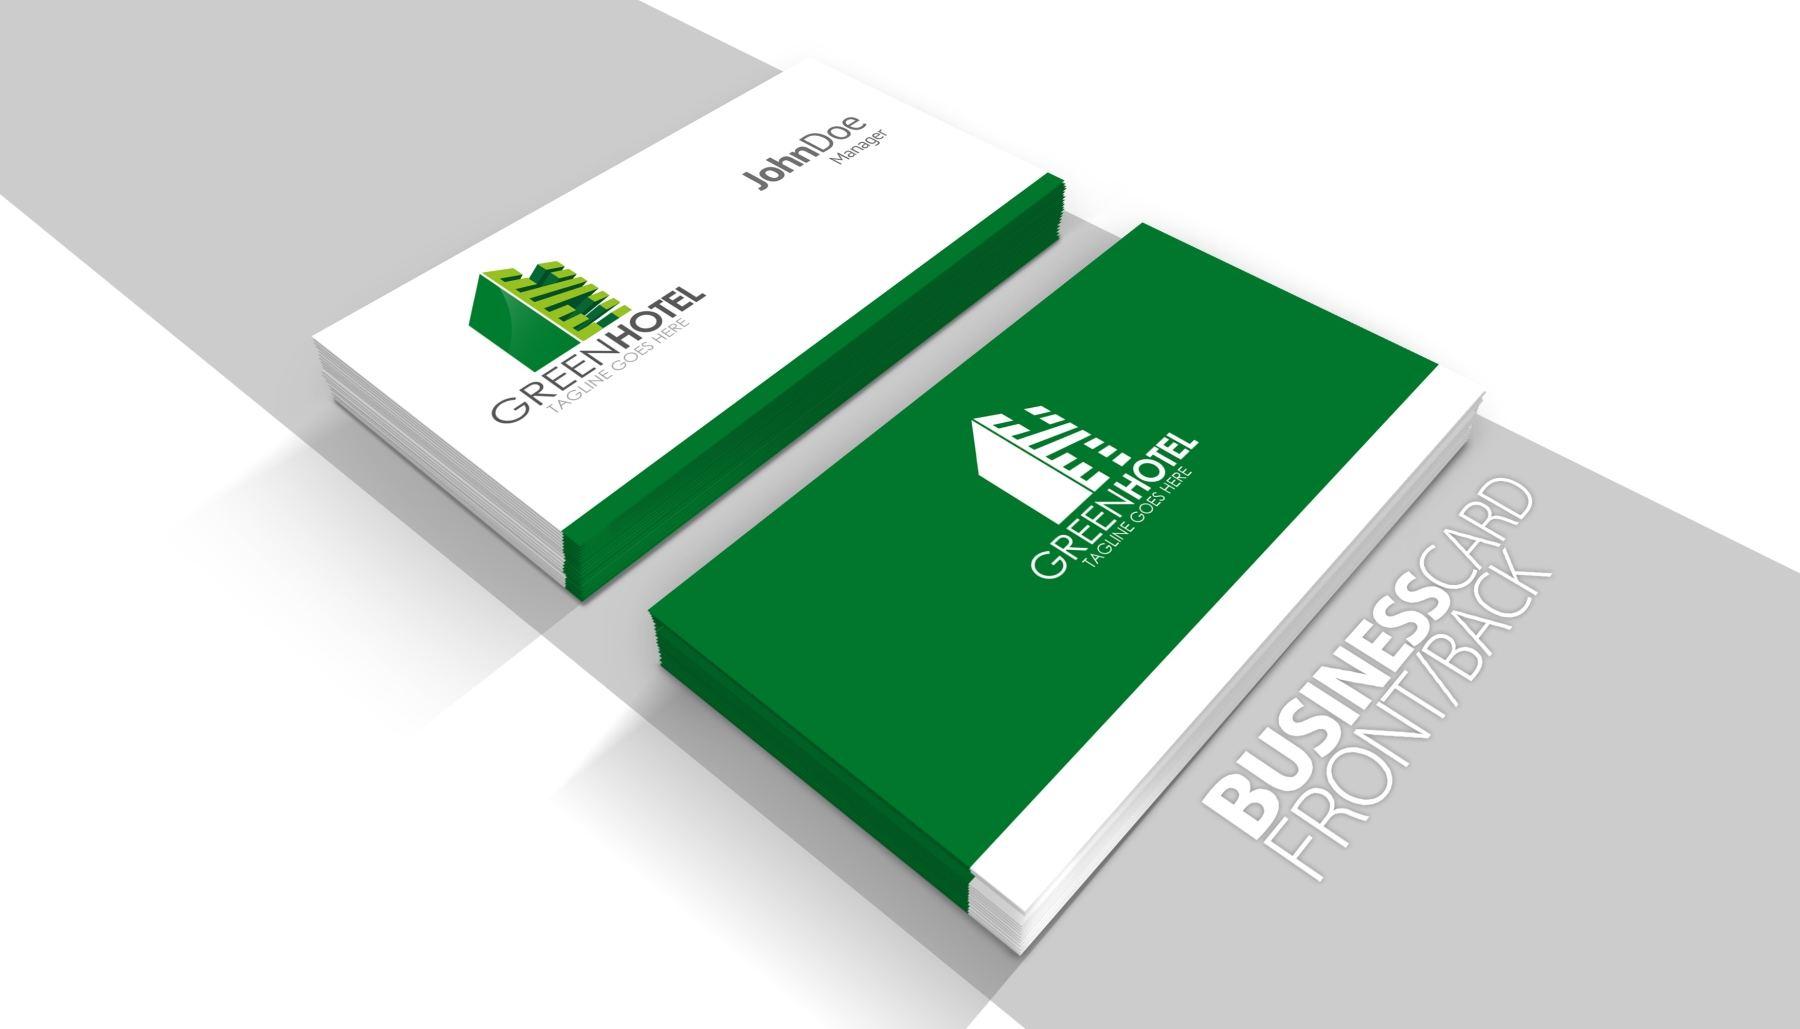 1569411117 d03007465bfbc47 - 绿色简约企业vi样机